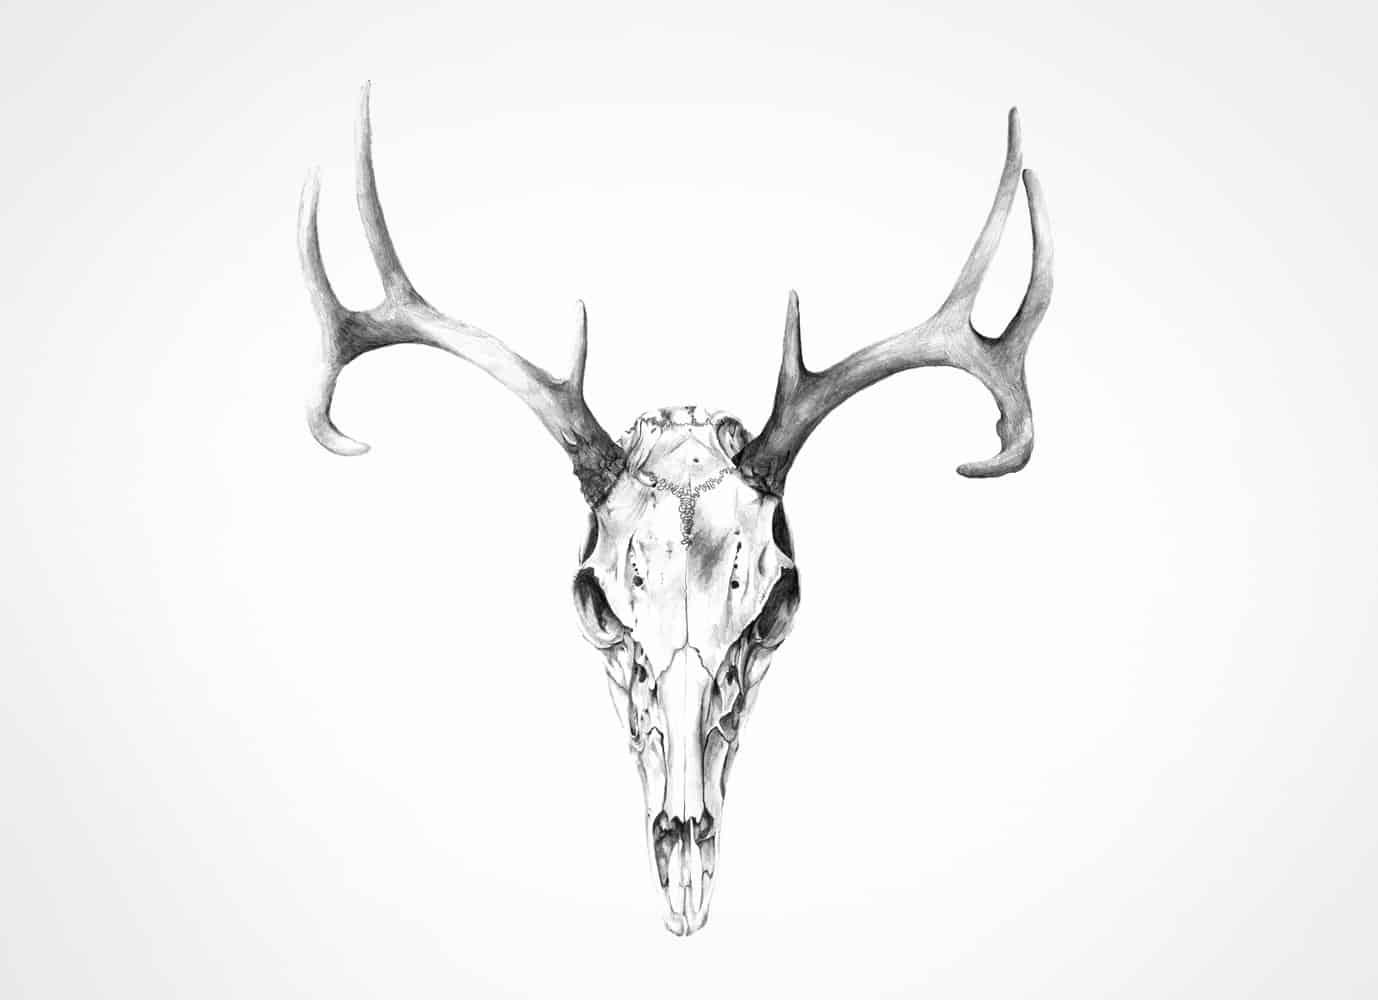 skull illustration in pencil